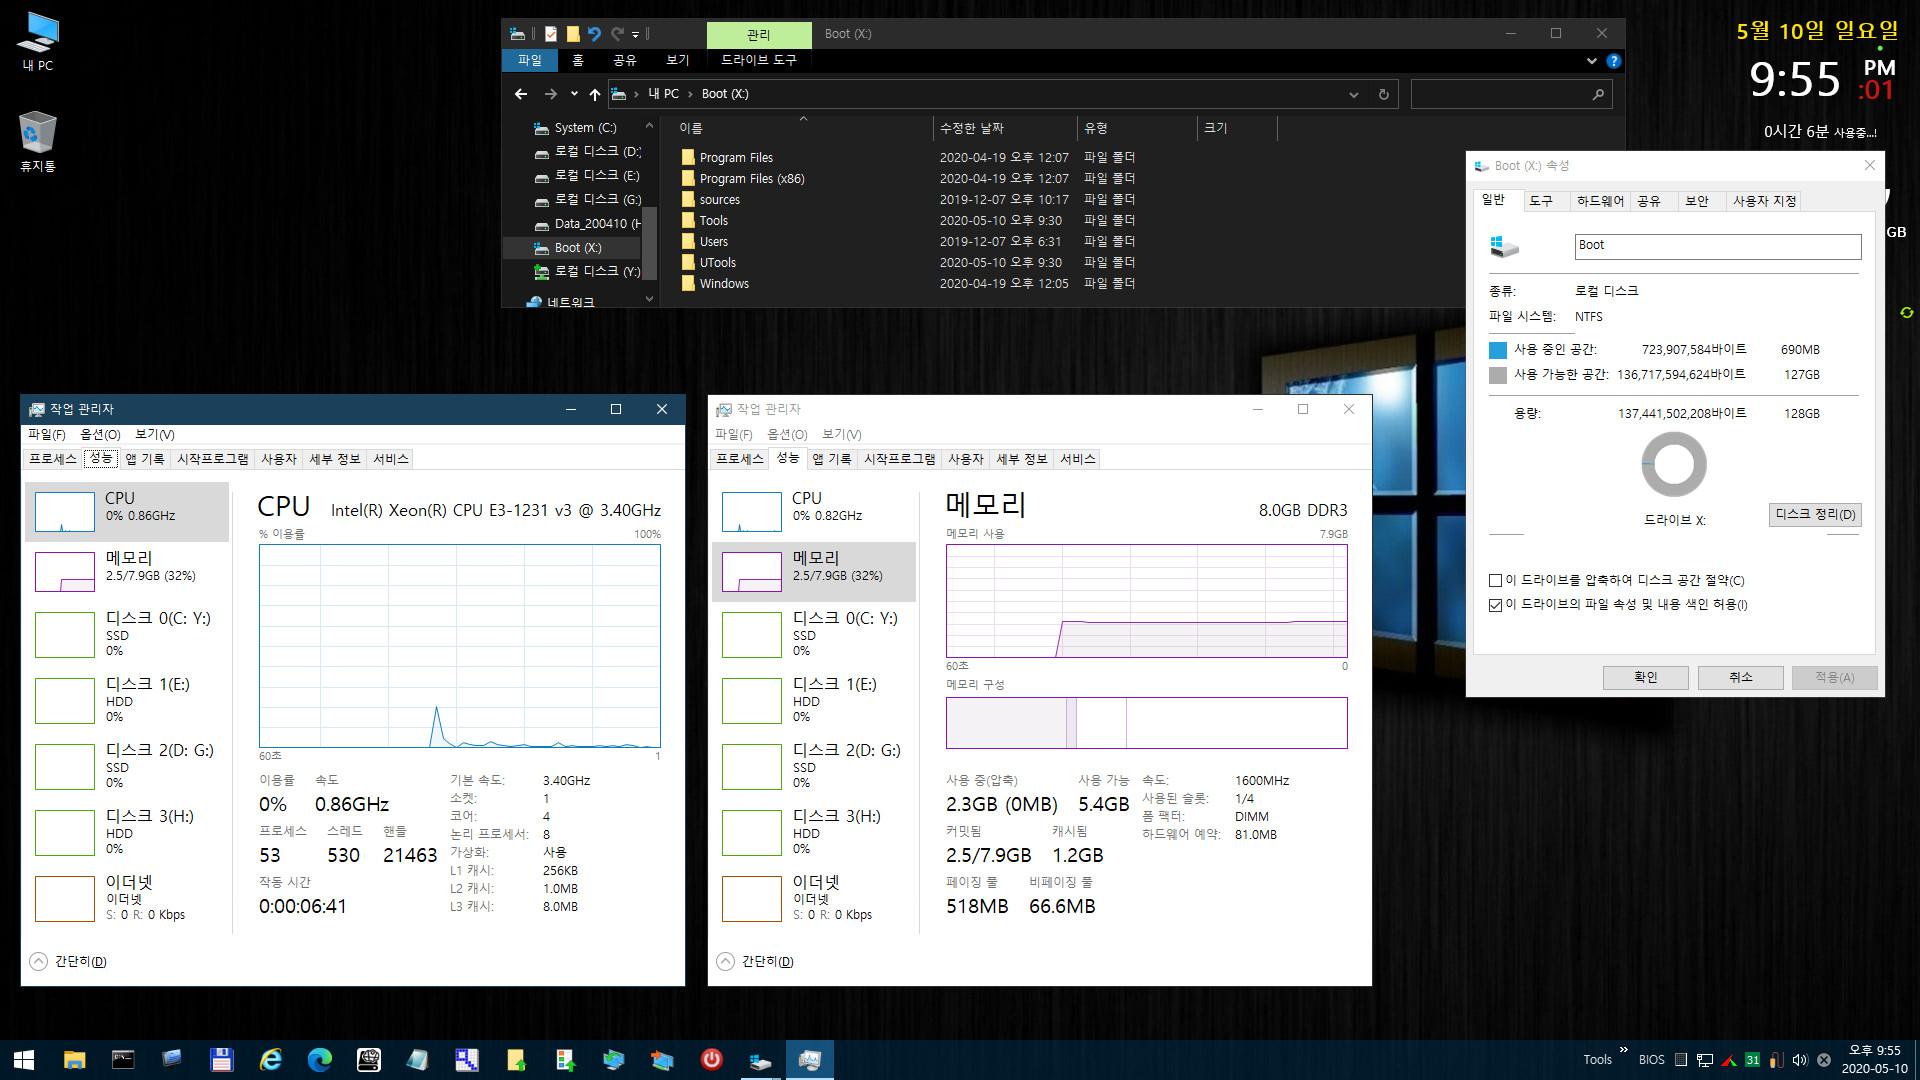 KJ_Win10XPE68_0003-02.jpg